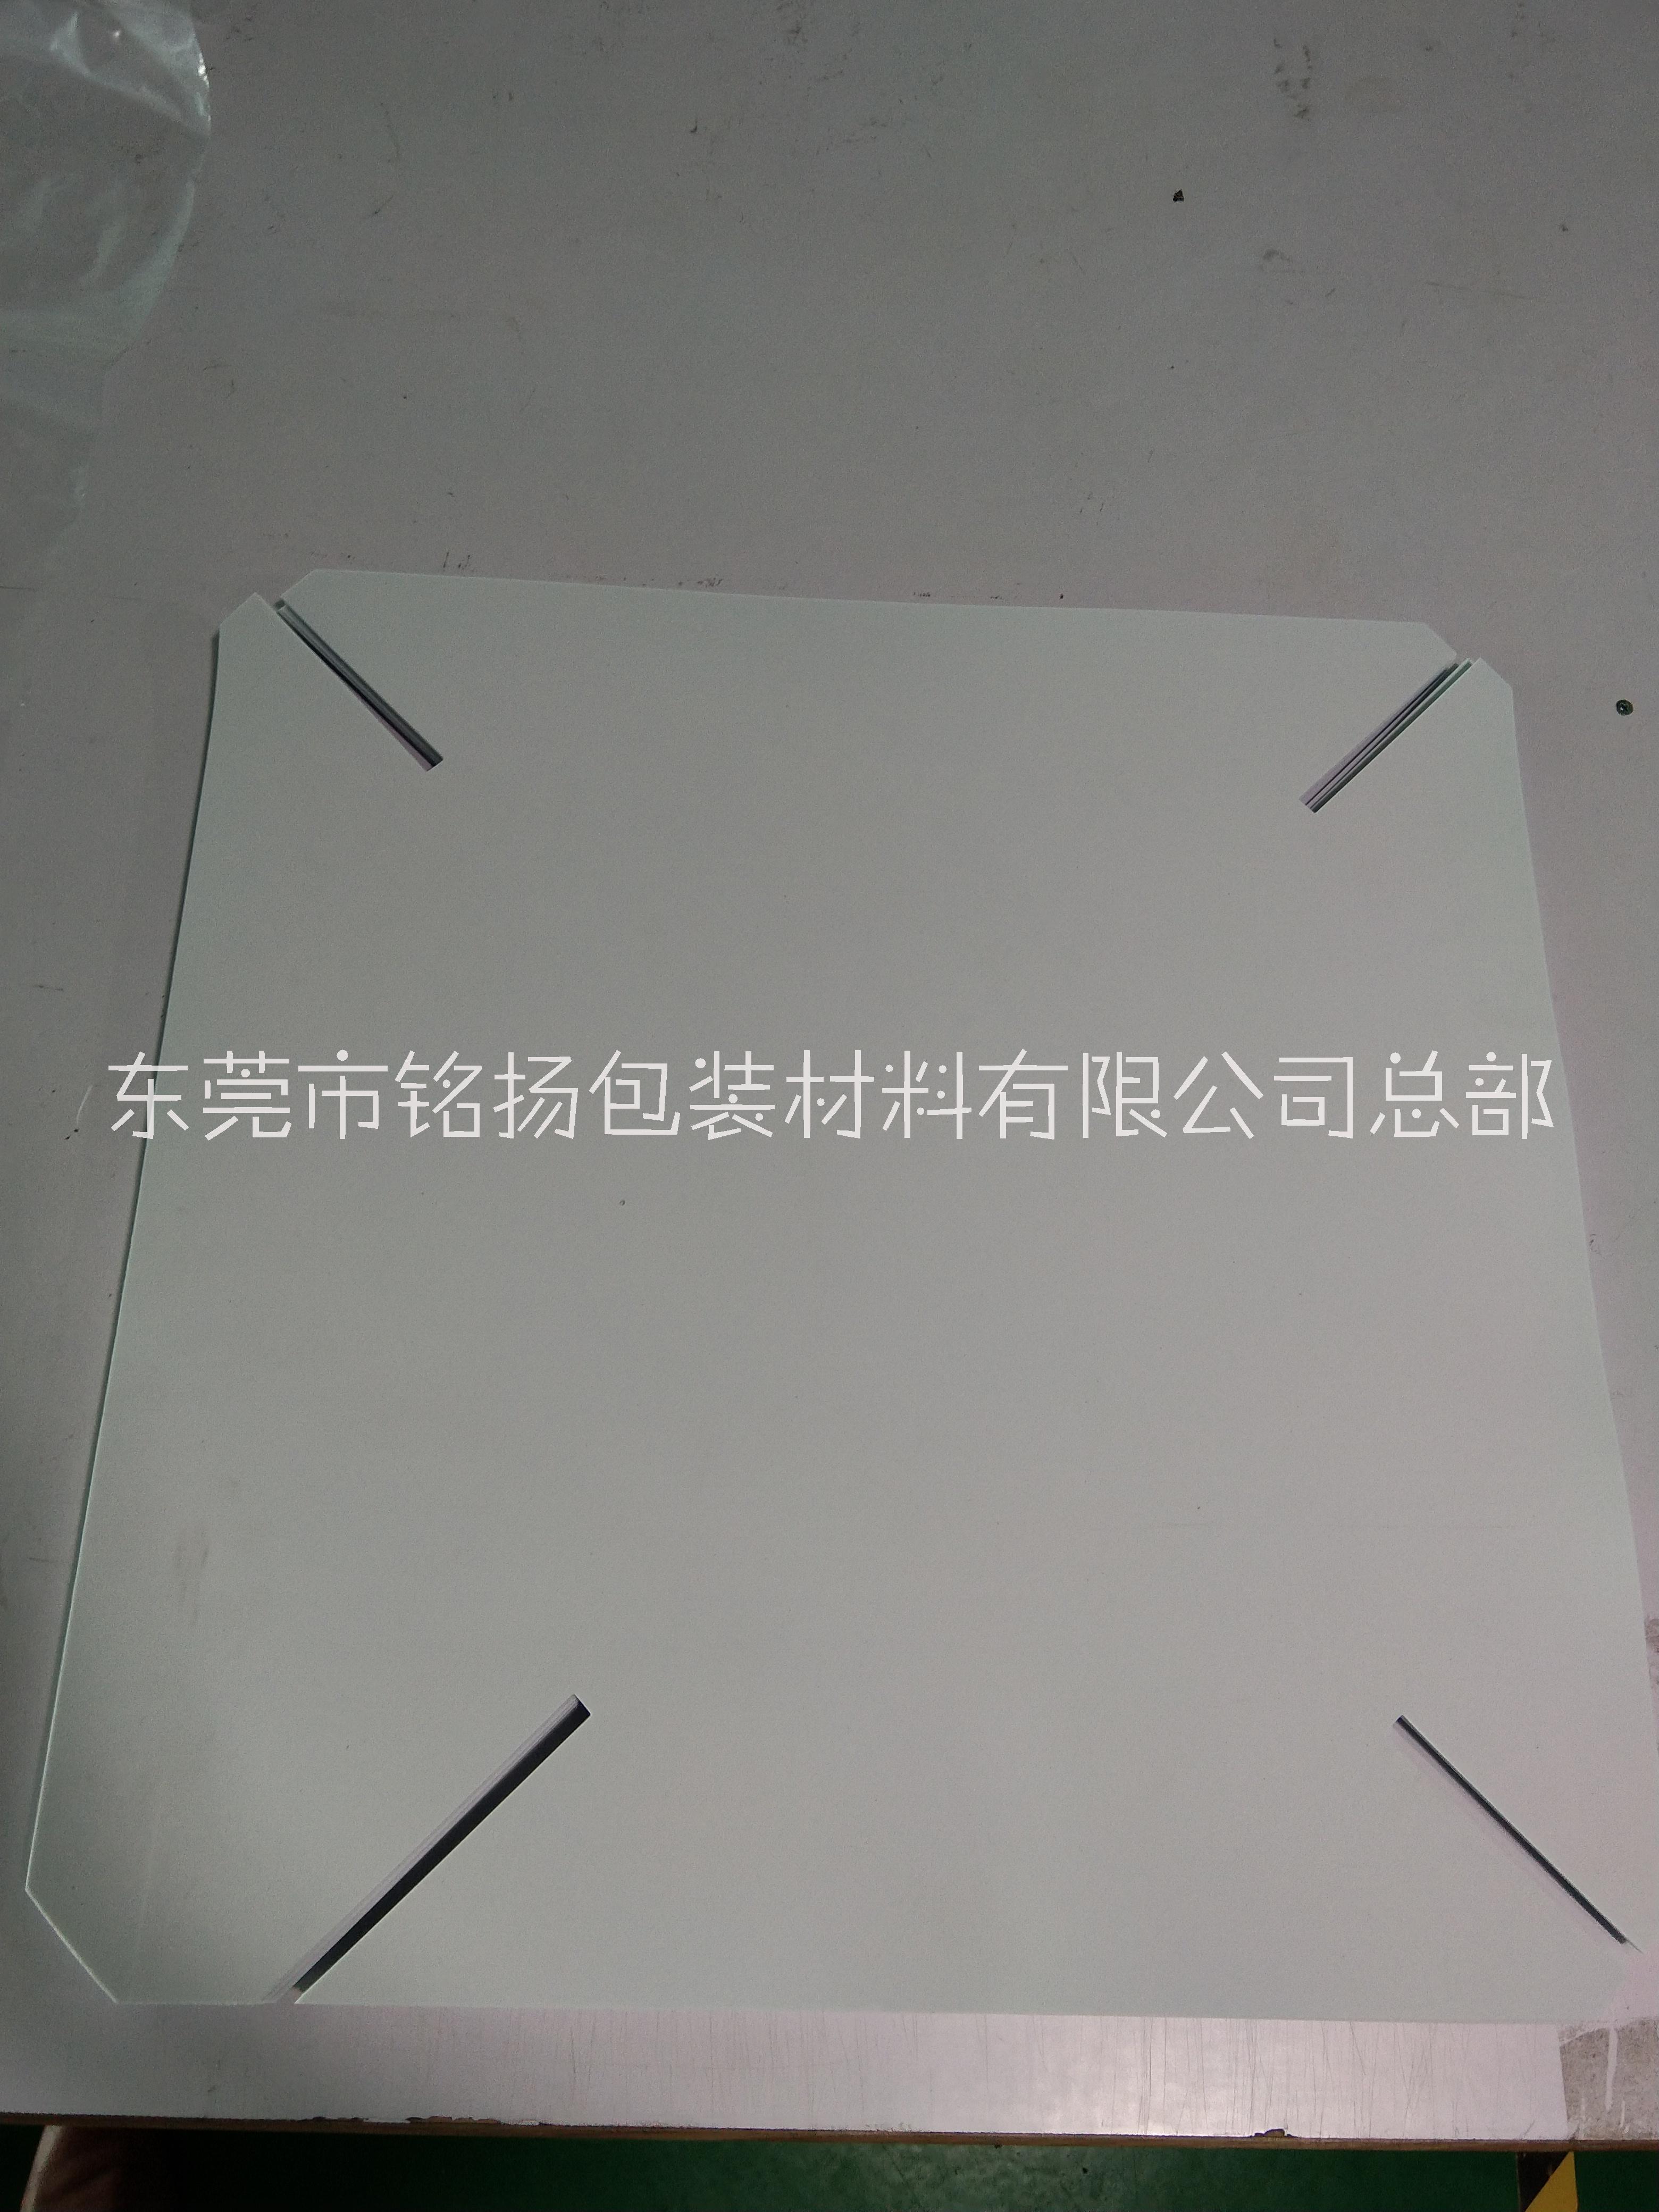 EVA面板灯生产厂家 EVA泡棉包装内衬【东莞市铭扬包装材料有限公司】